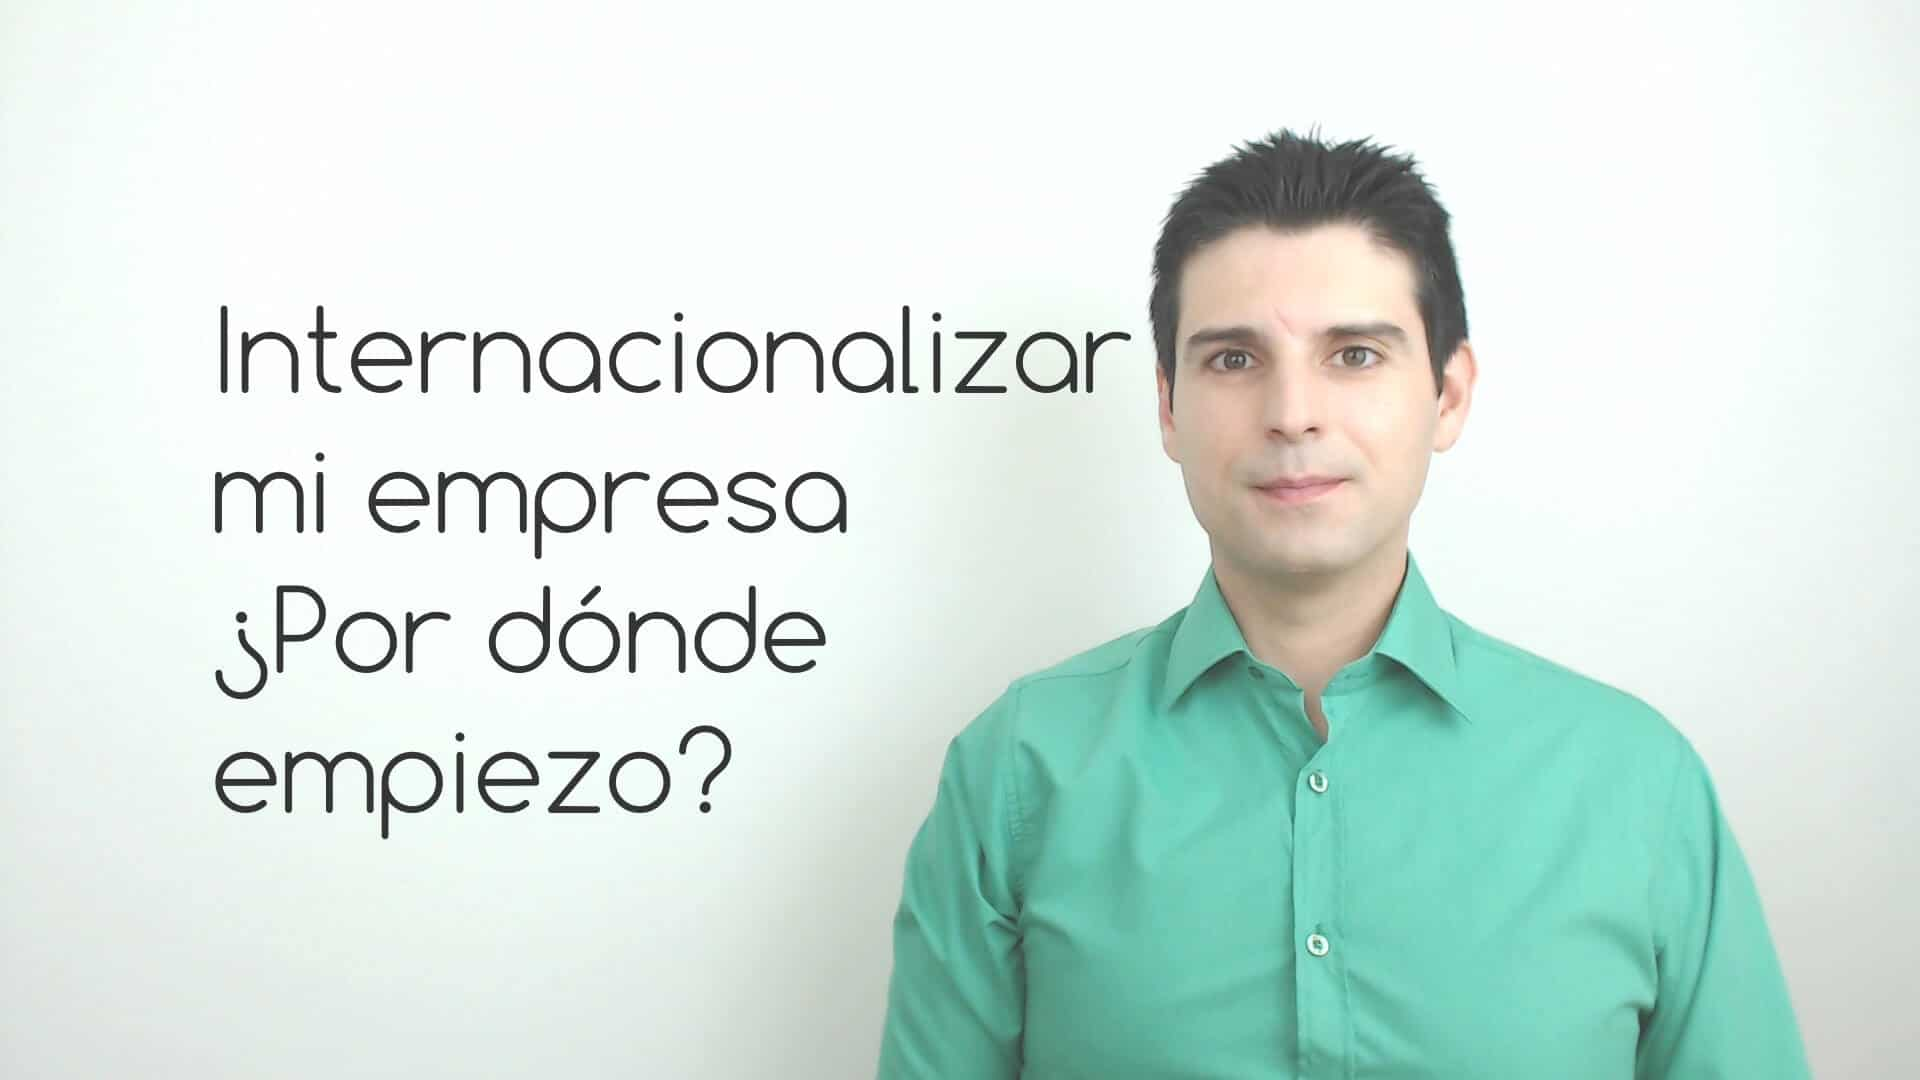 internacionalizar-mi-empresa-por-donde-empiezo